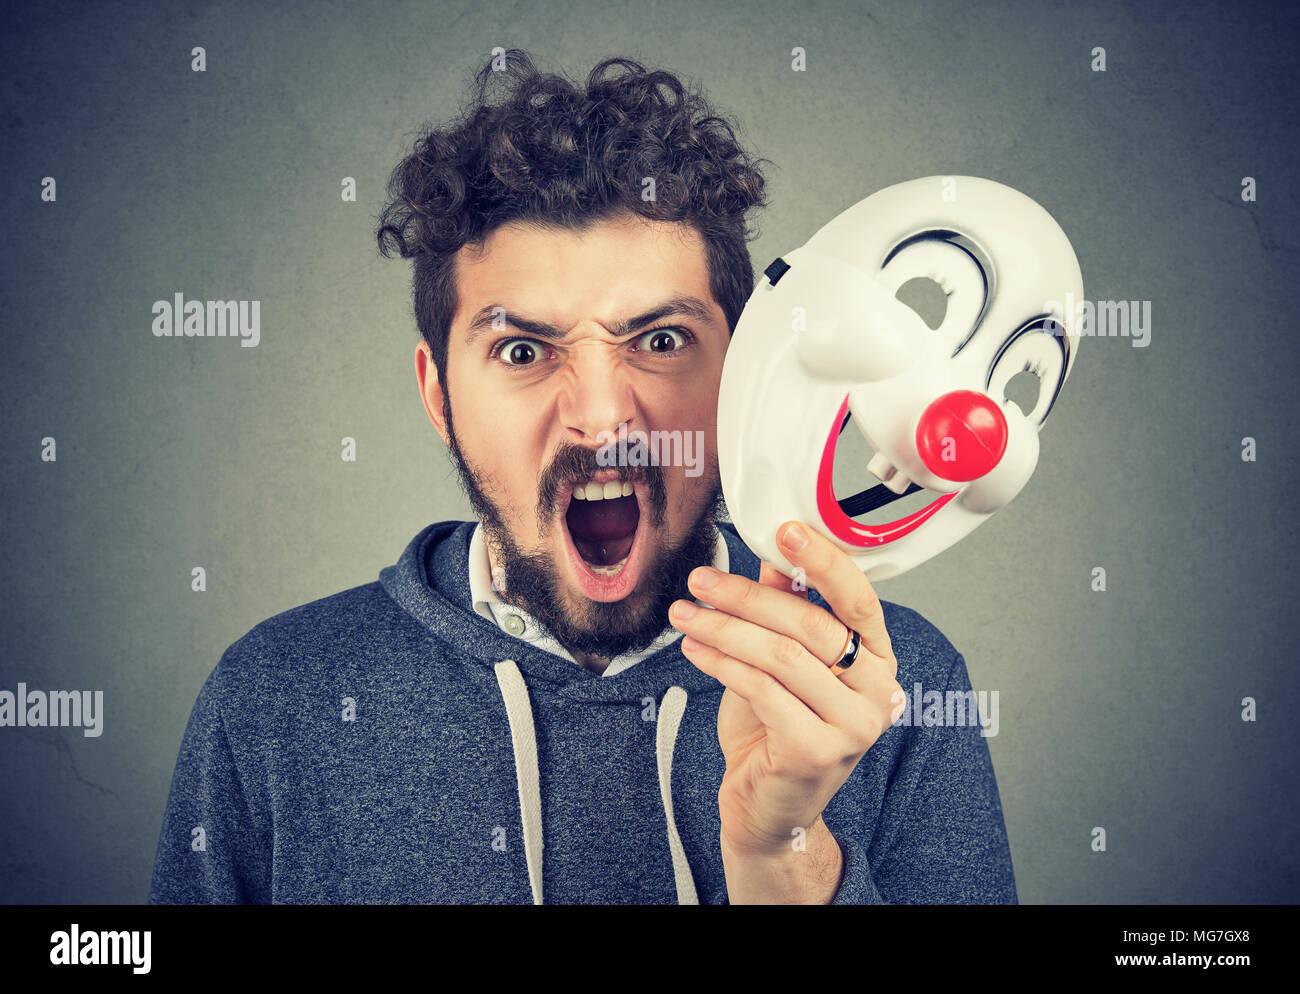 Portrait Junge verärgert wütend schreienden Mann hält ein Clown Maske auf grauen Hintergrund. Menschliche Emotionen Gefühle Stockbild